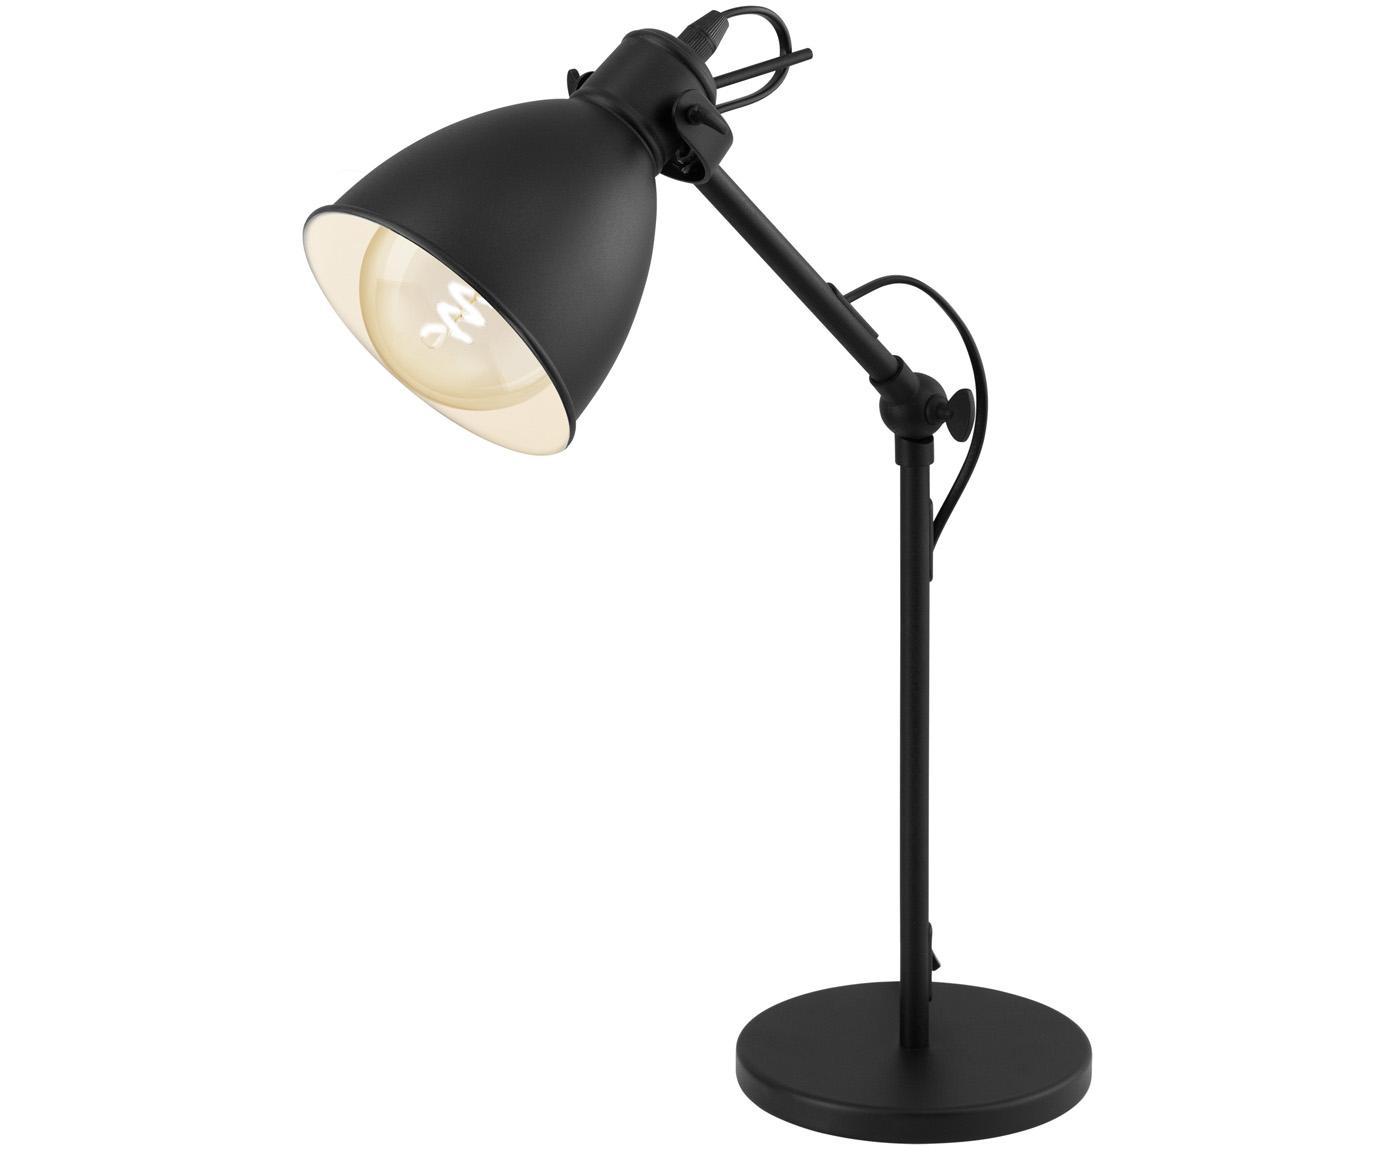 Lampa stołowa Ethan, Czarny, ∅ 15 x W 43 cm